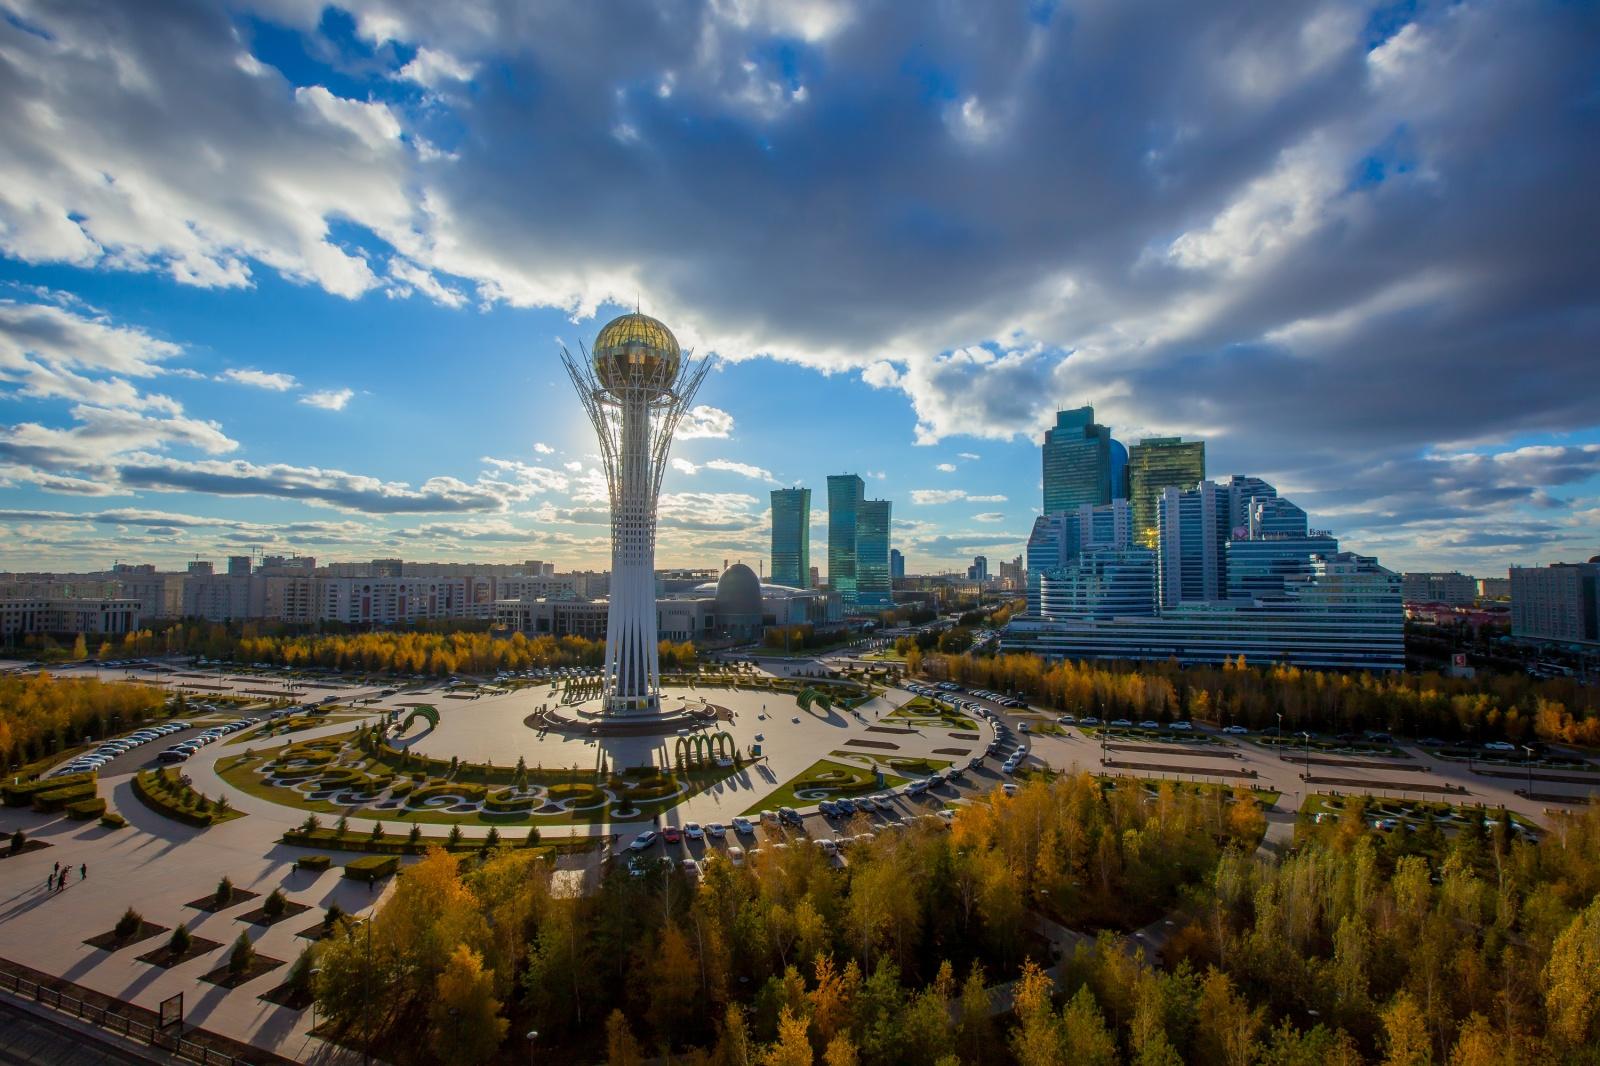 Почему нужно бросить все и ехать делать стартап в Казахстане - 1